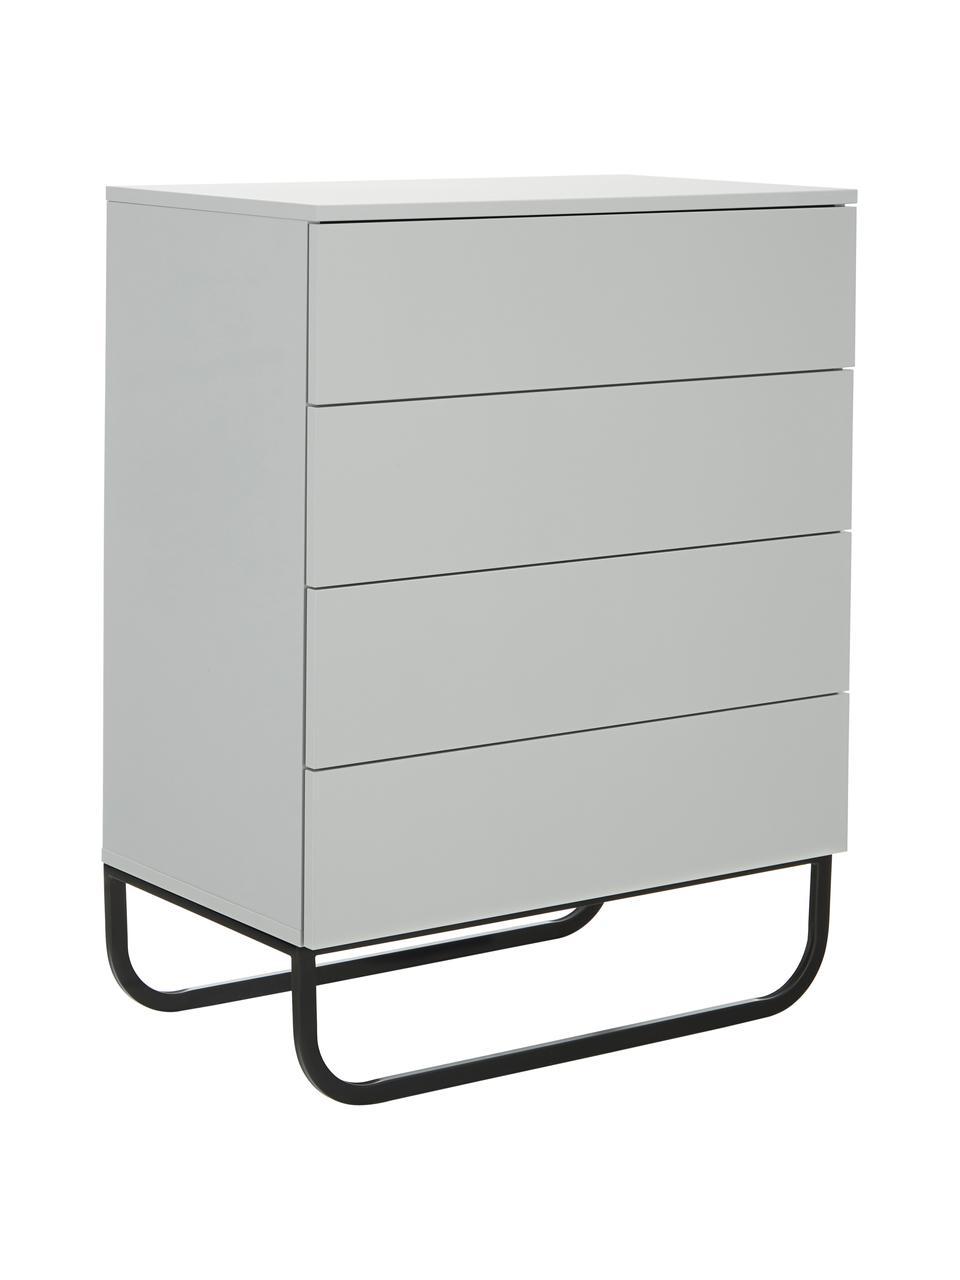 Szafka z szufladami Sanford, Korpus: płyta pilśniowa średniej , Jasny szary, czarny, S 80 x W 106 cm